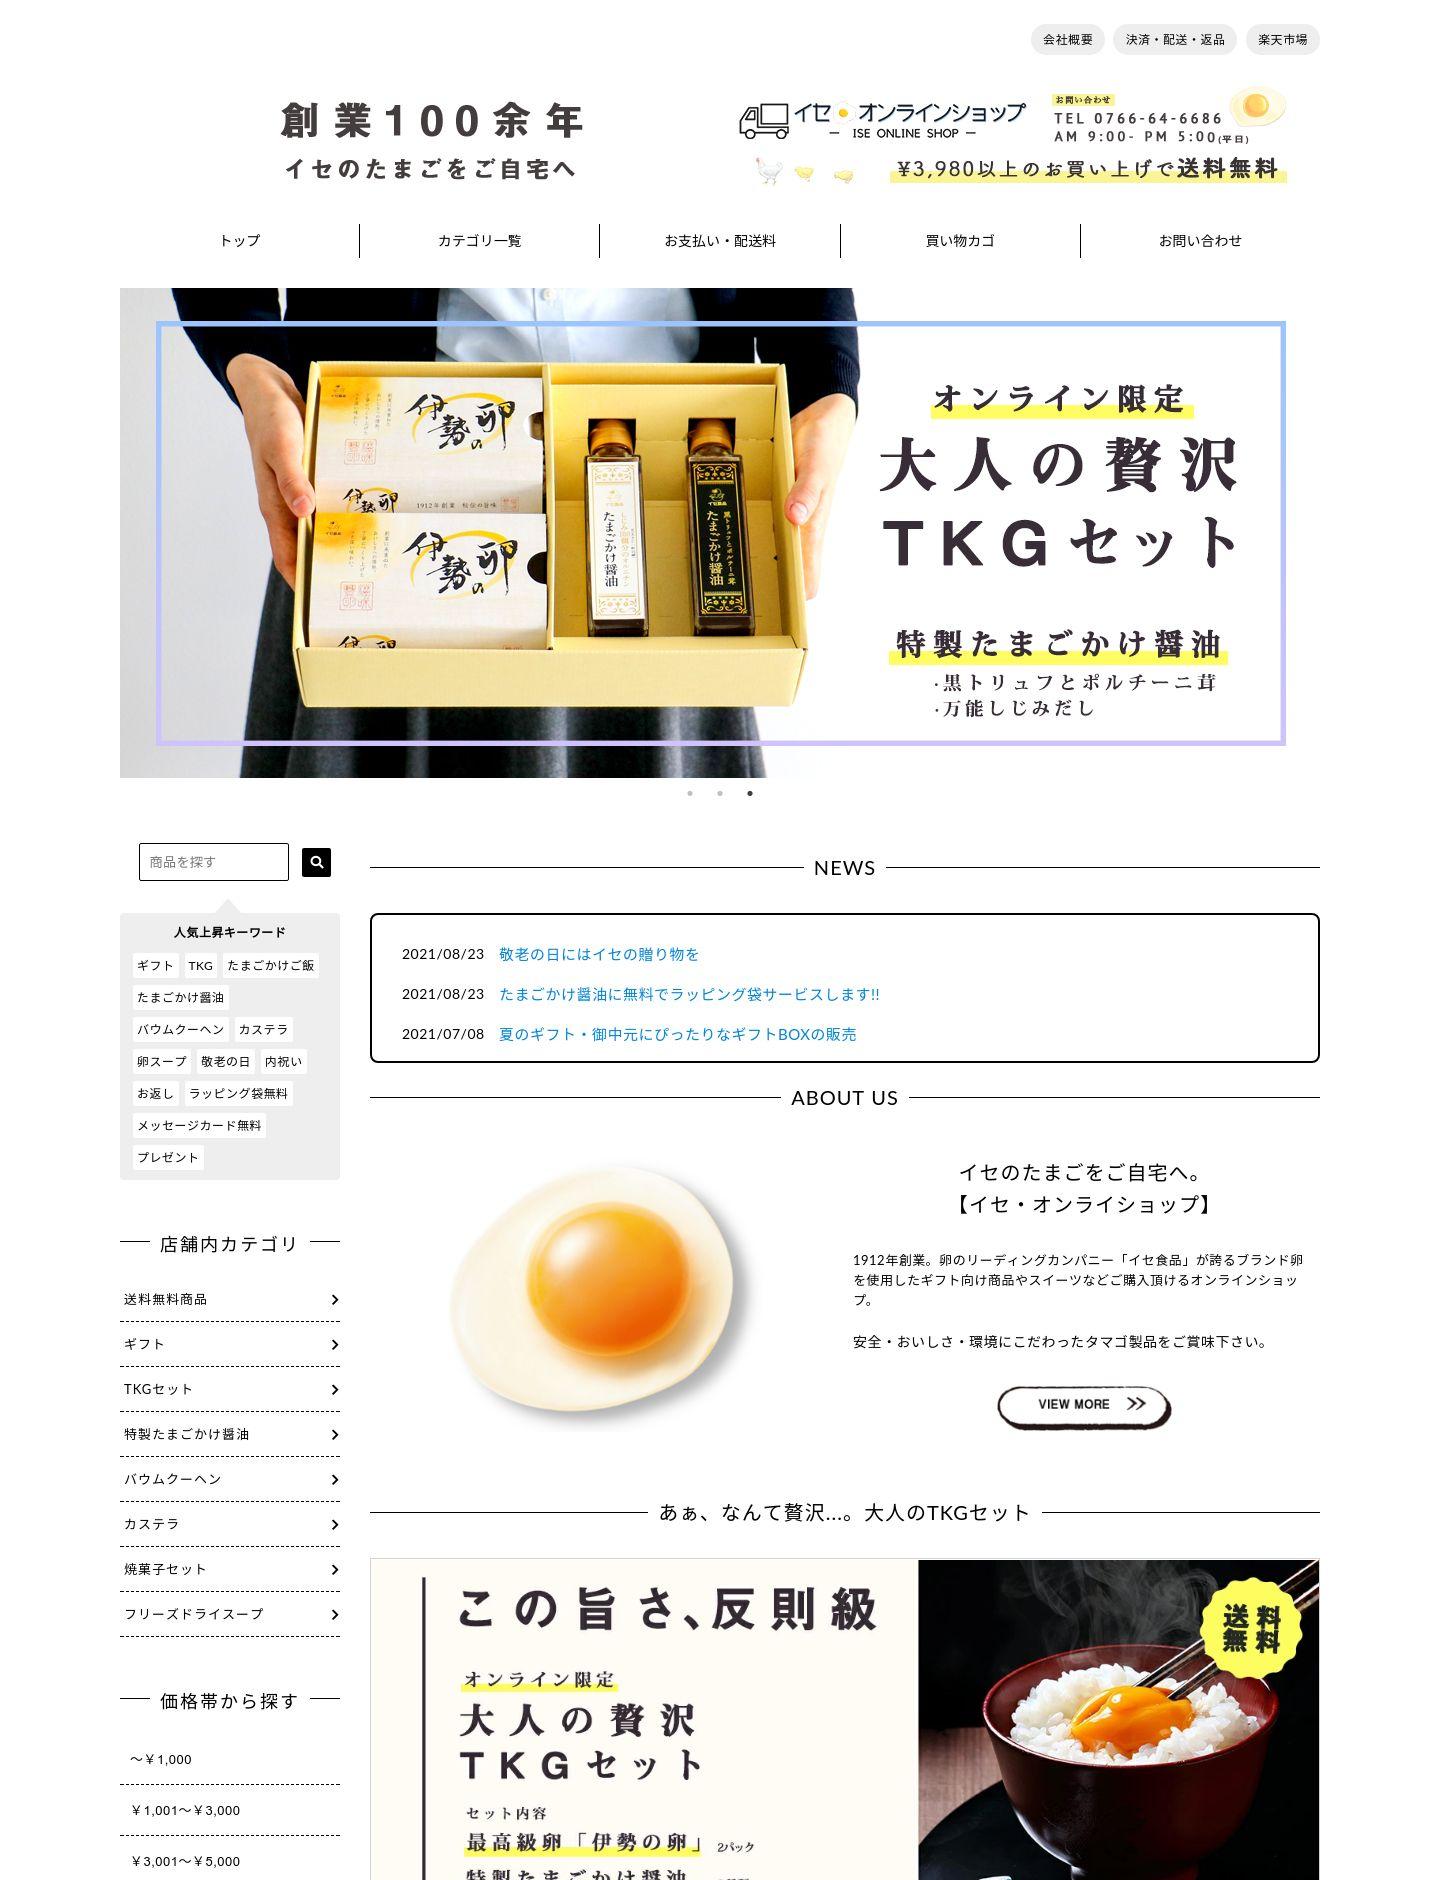 イセ・オンラインショップ様 サイト画像